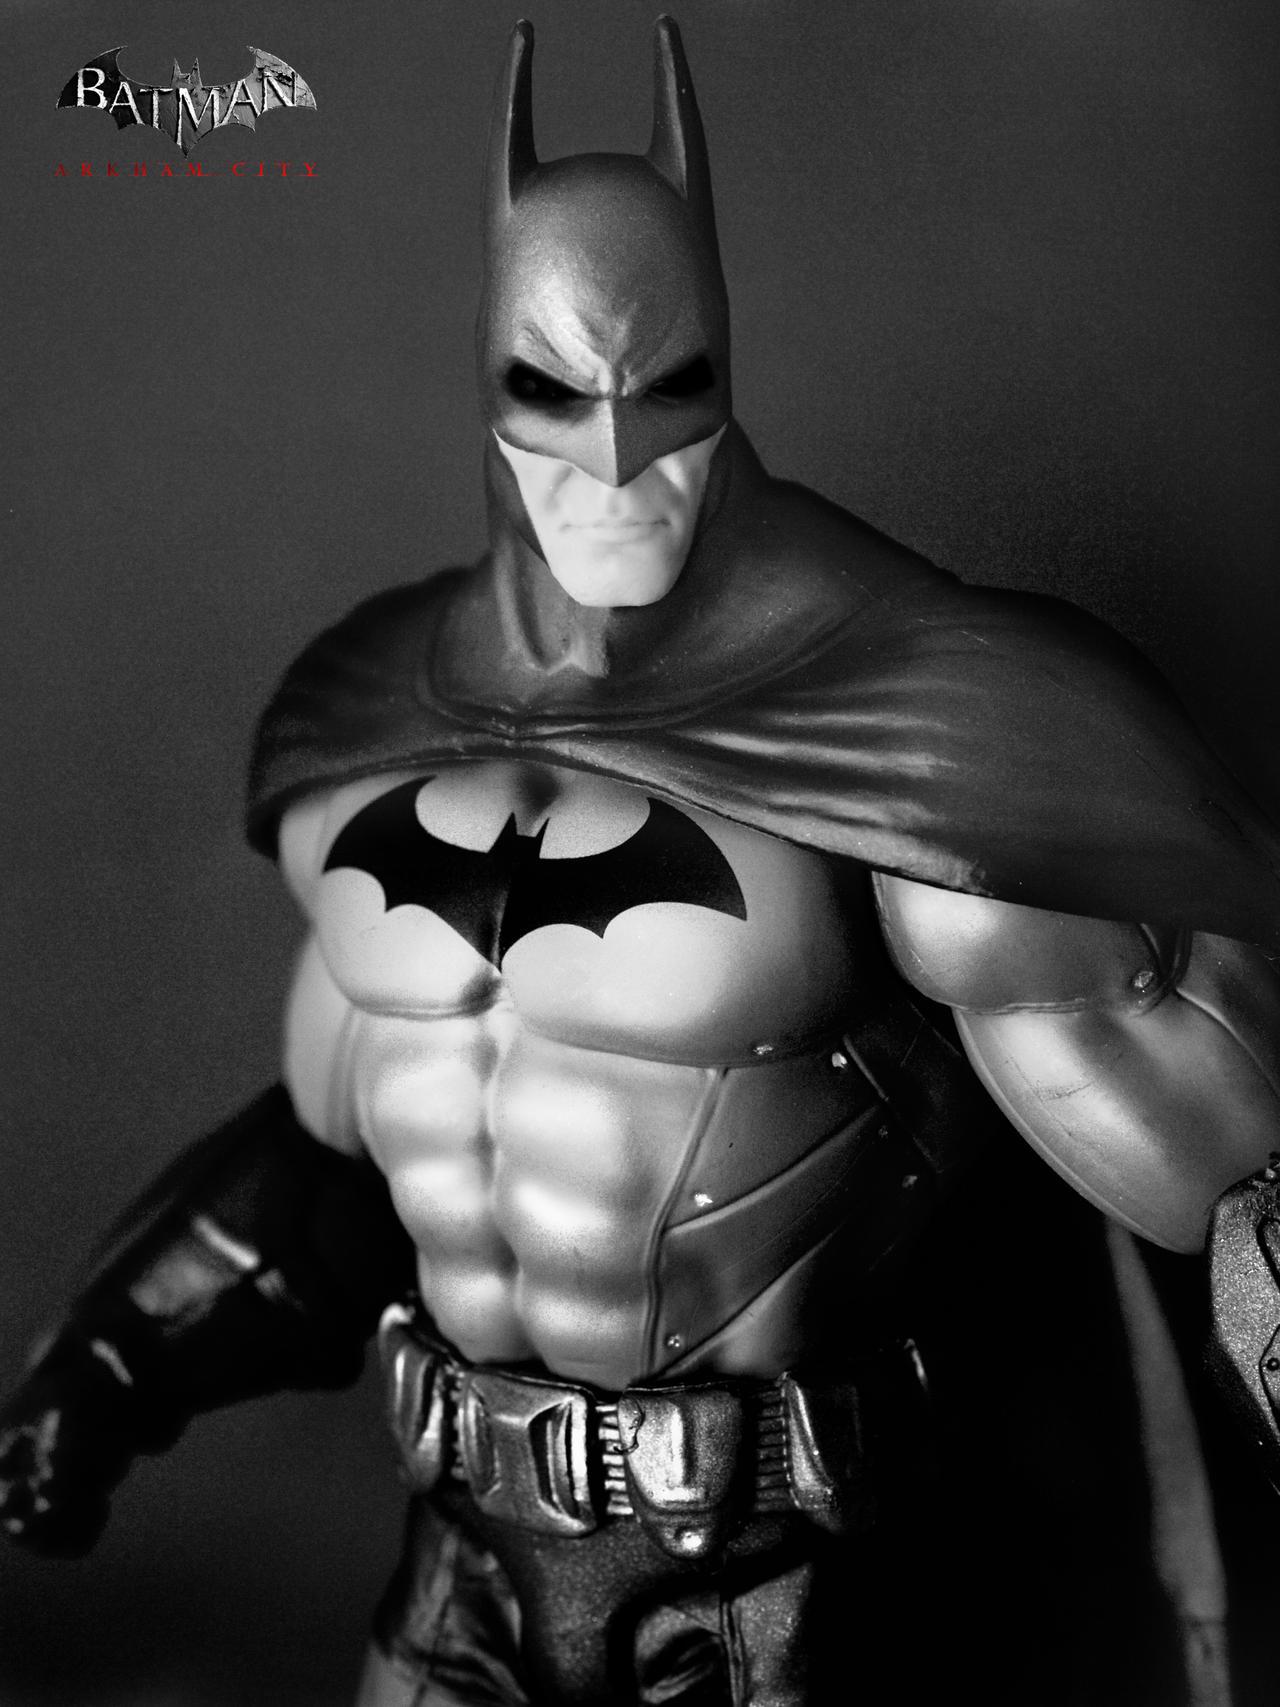 Batman Arkham City by JC-790514